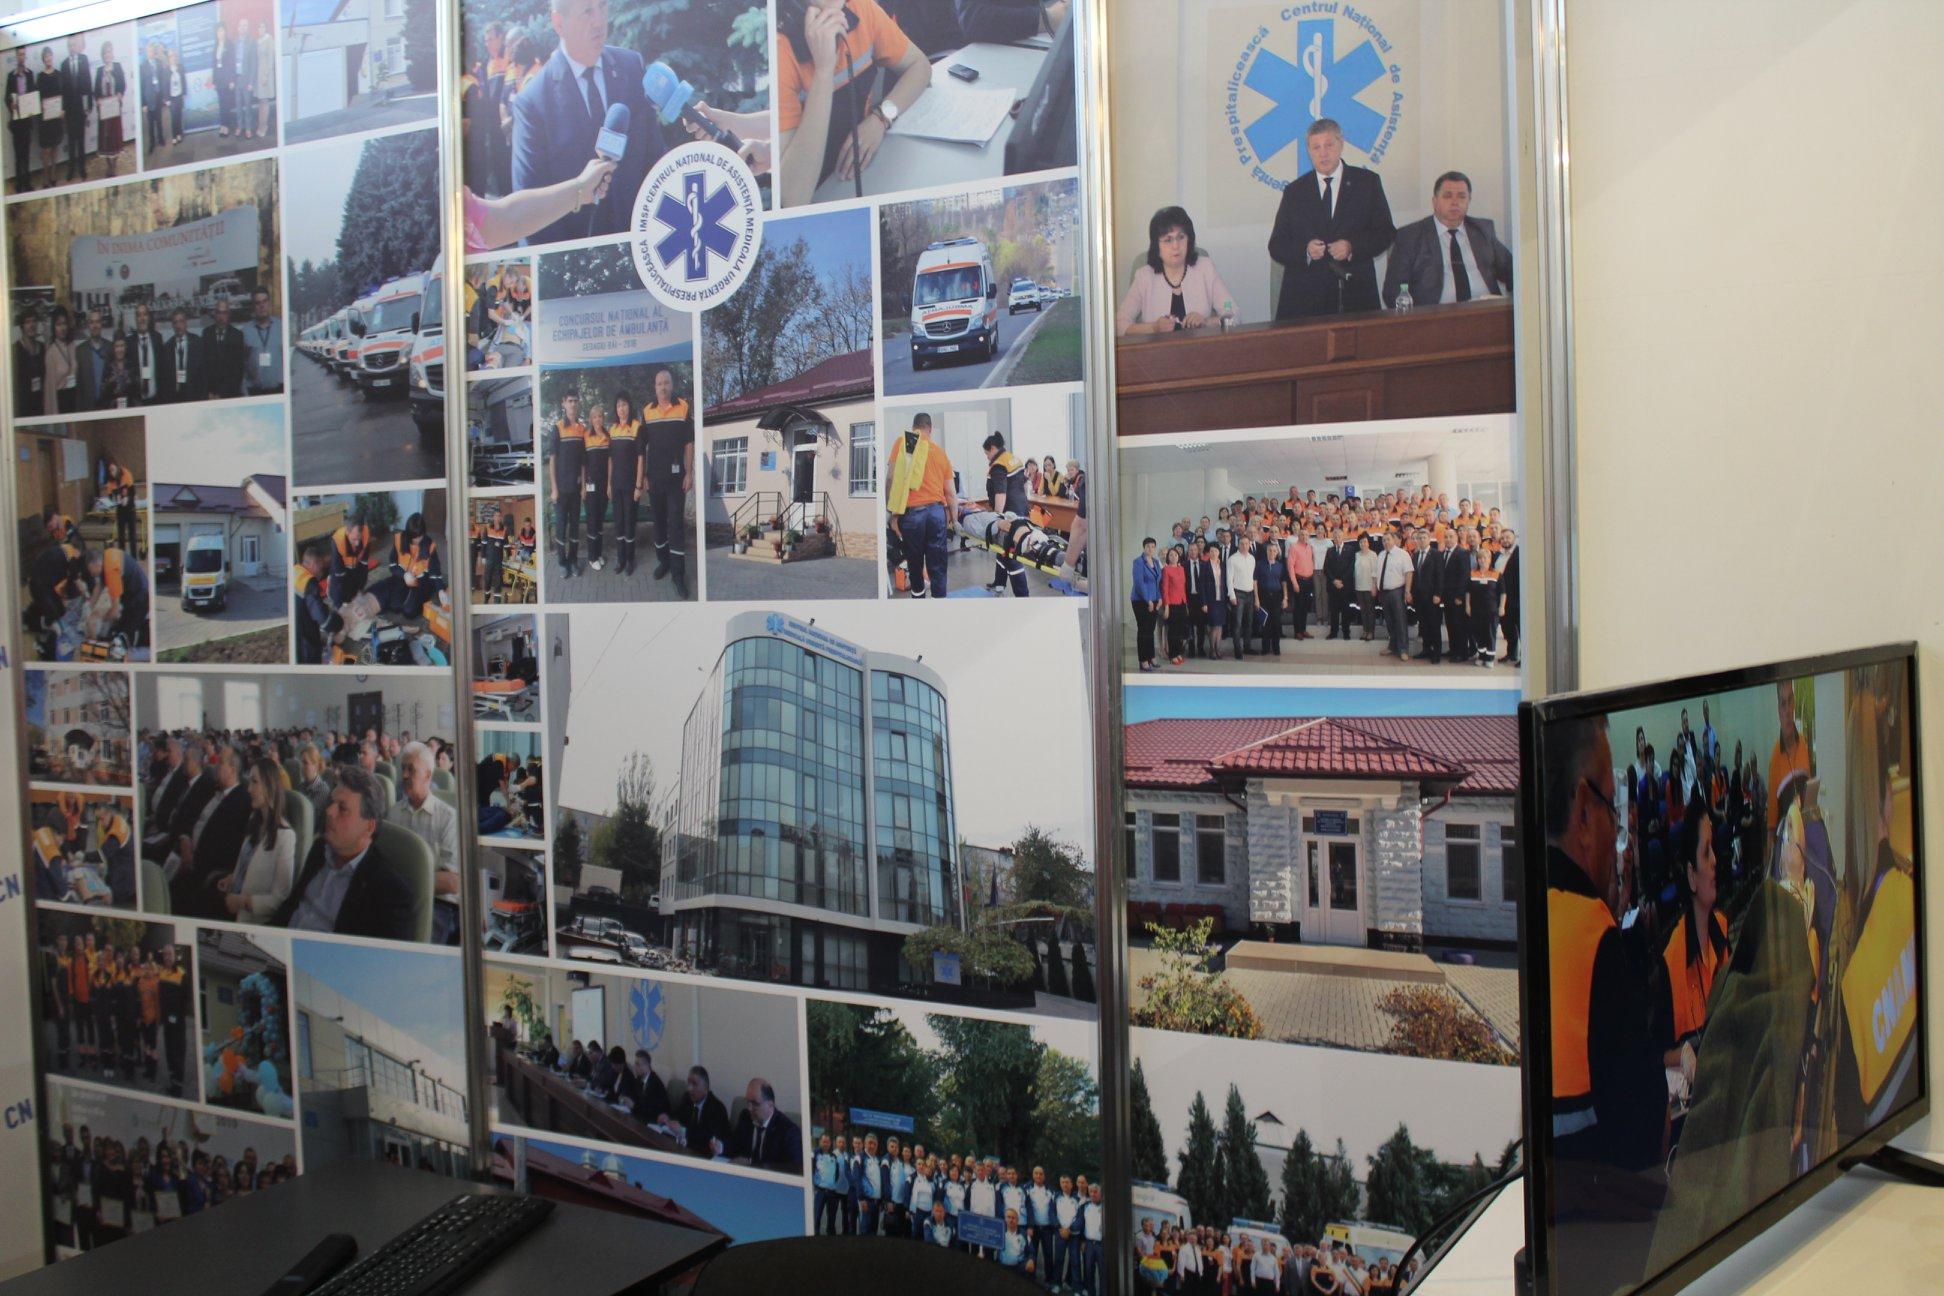 Participarea Centrului Național de Asistență Medicală Urgentă Prespitalicească la expoziția MoldMedizin & MoldDent